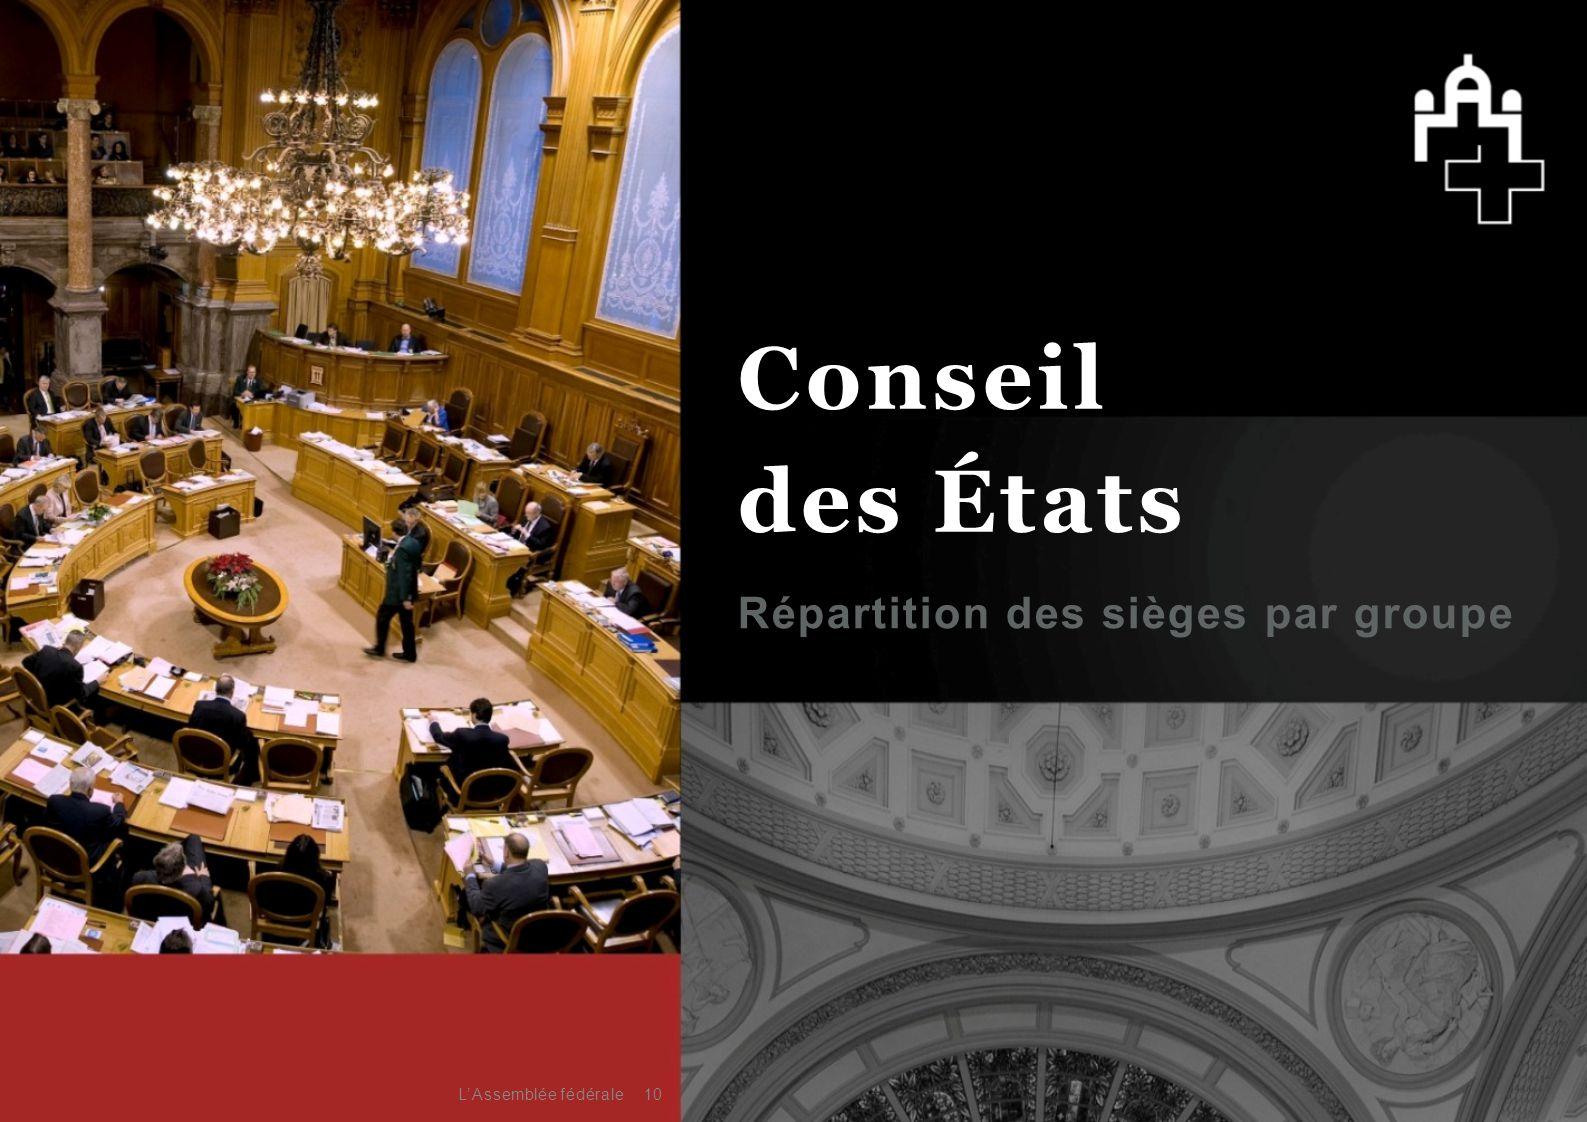 Répartition des sièges par groupe 10 Conseil des États L'Assemblée fédérale